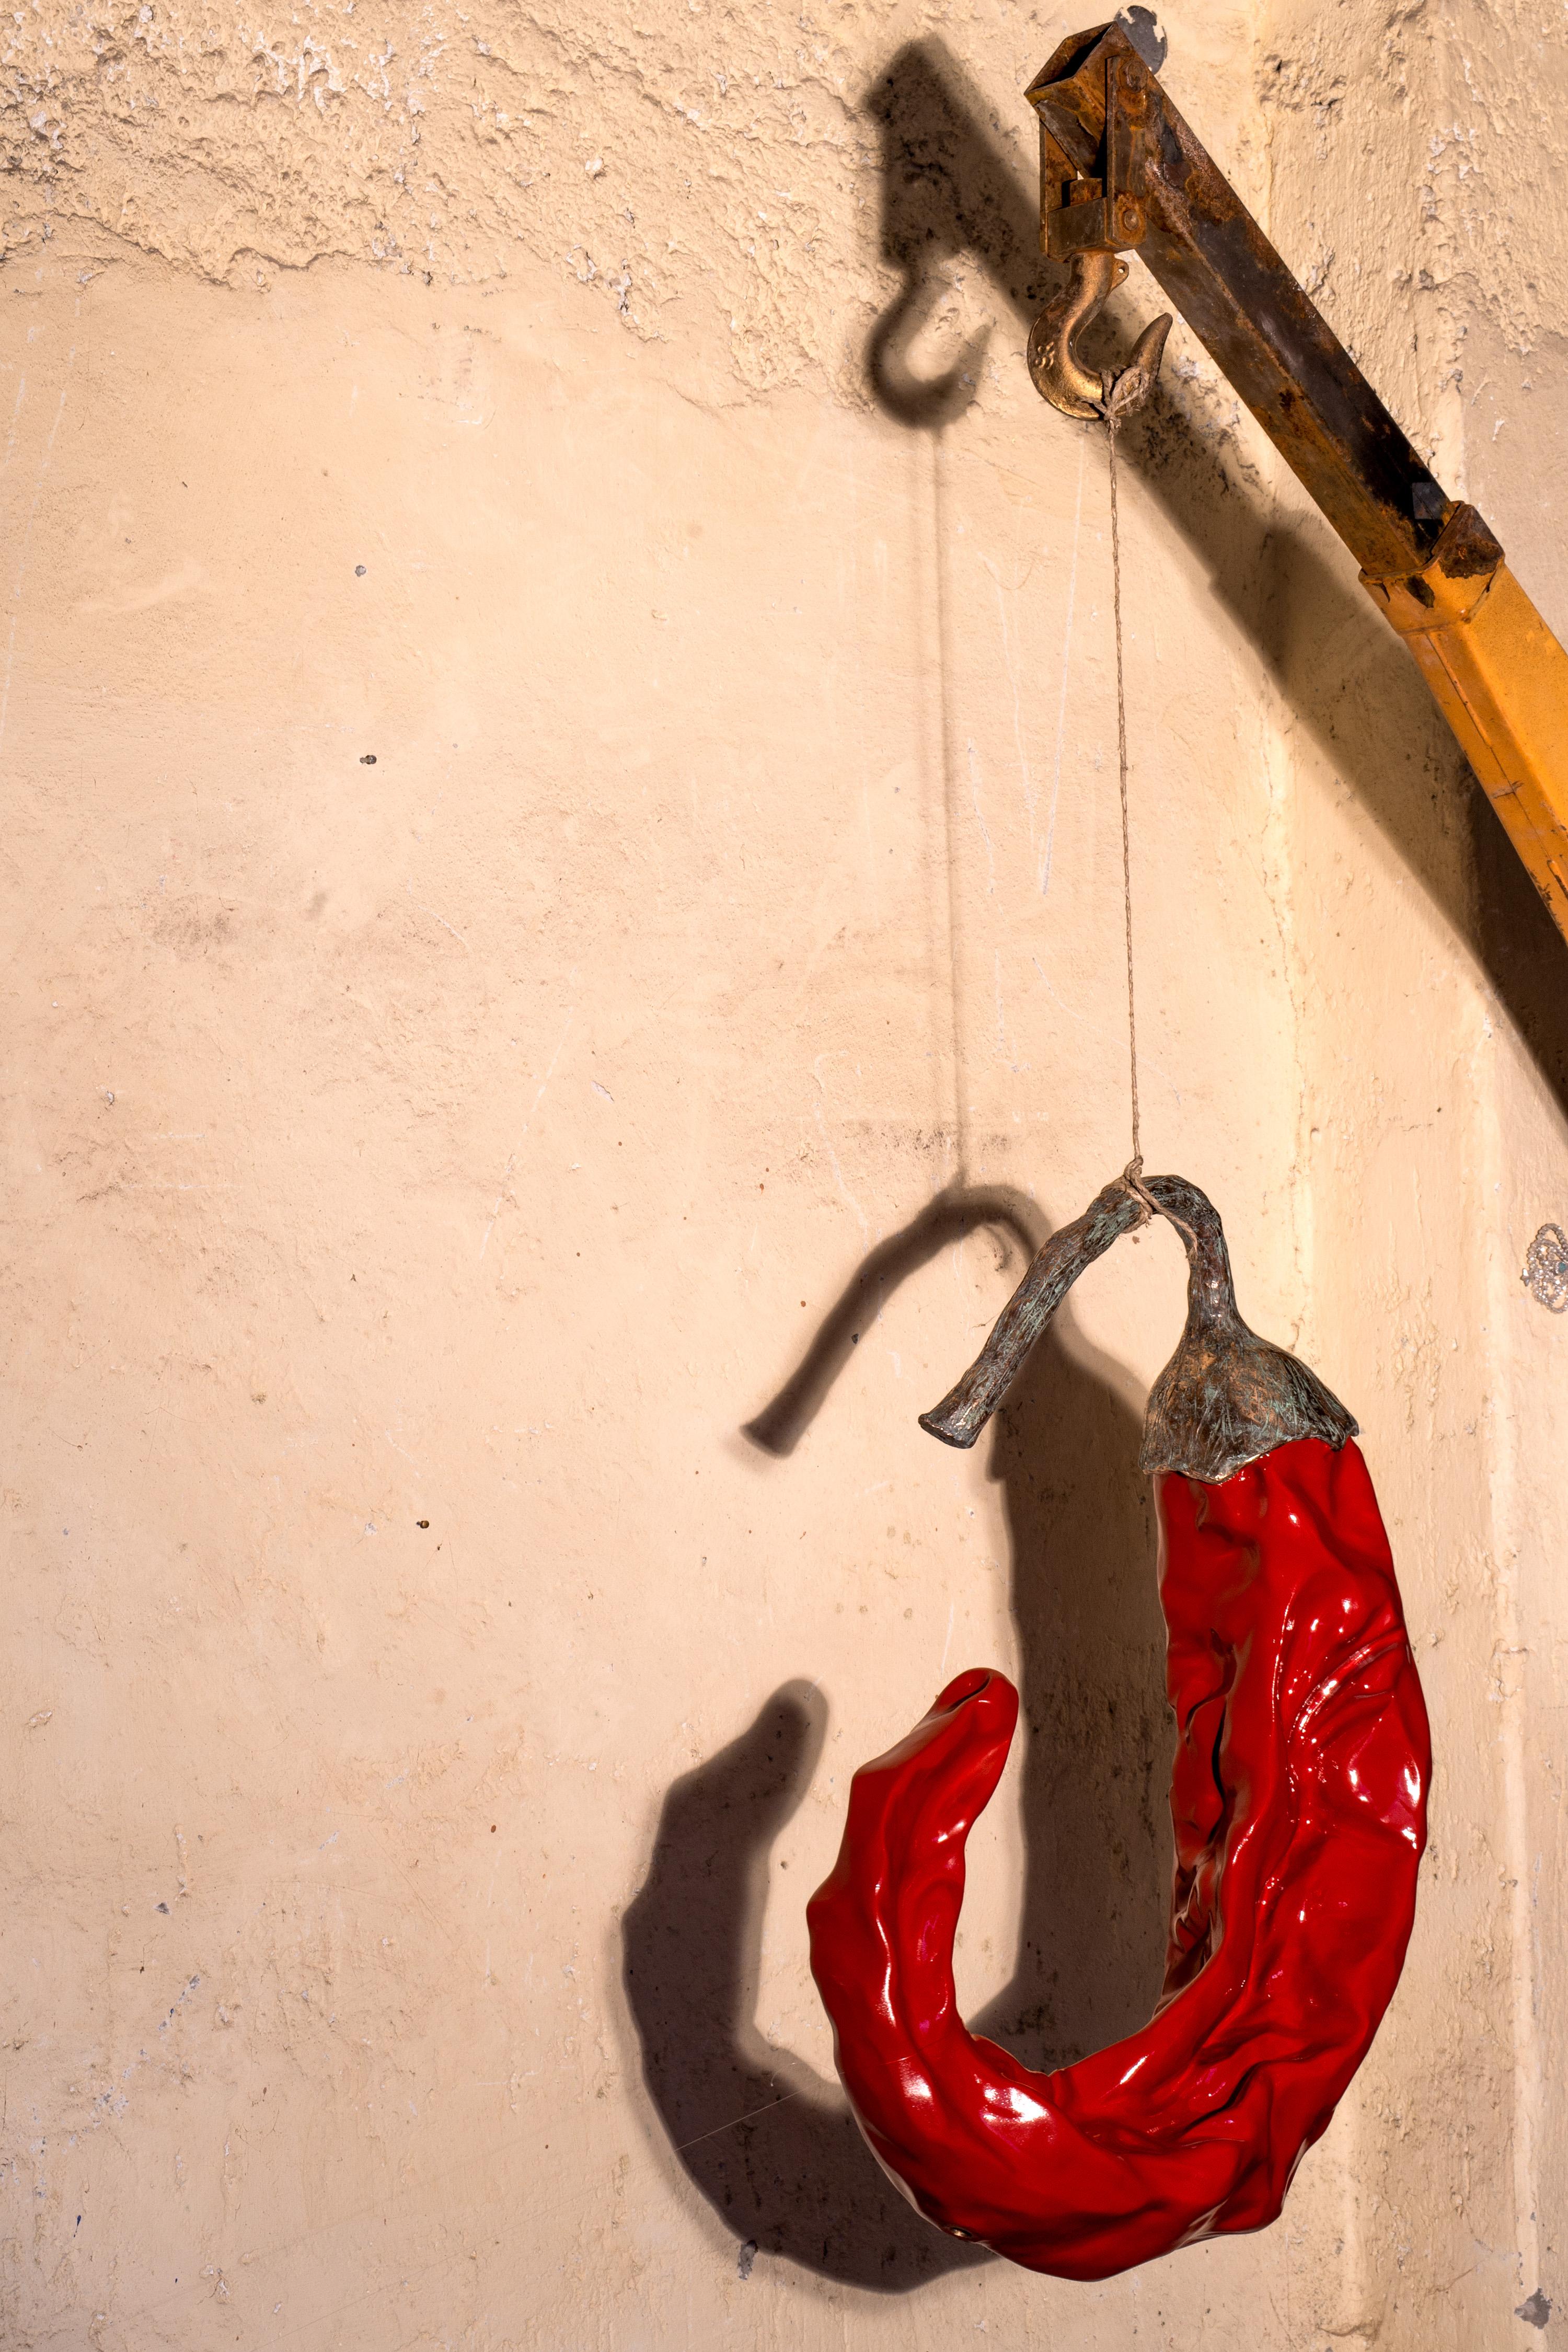 Giuseppe Carta, Capsica Red Light, 2016, resina e bronzo, 4.5 x 1.85 x 0.70 m